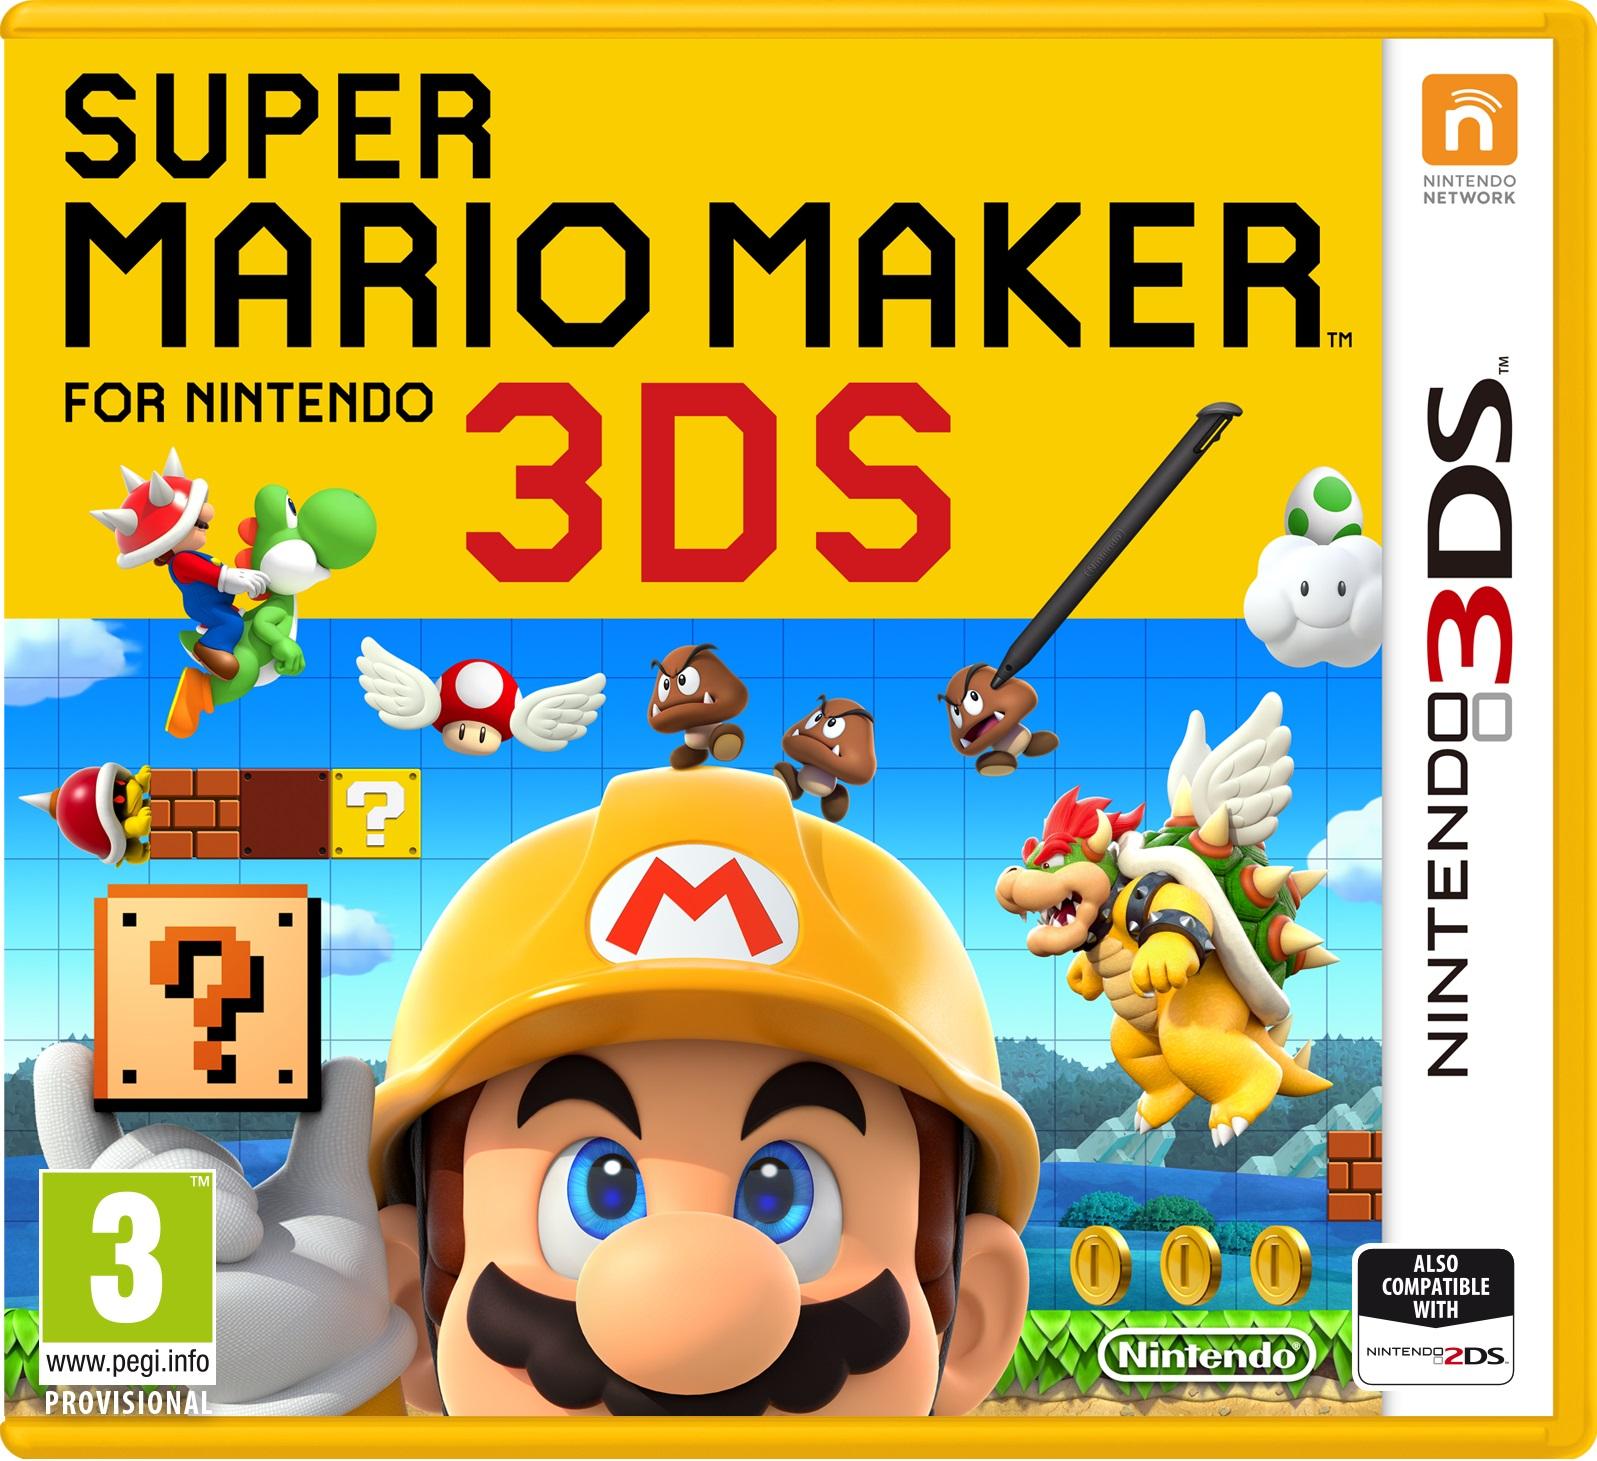 Super Mario Maker for Nintendo 3DS | Nintendo | FANDOM powered by Wikia